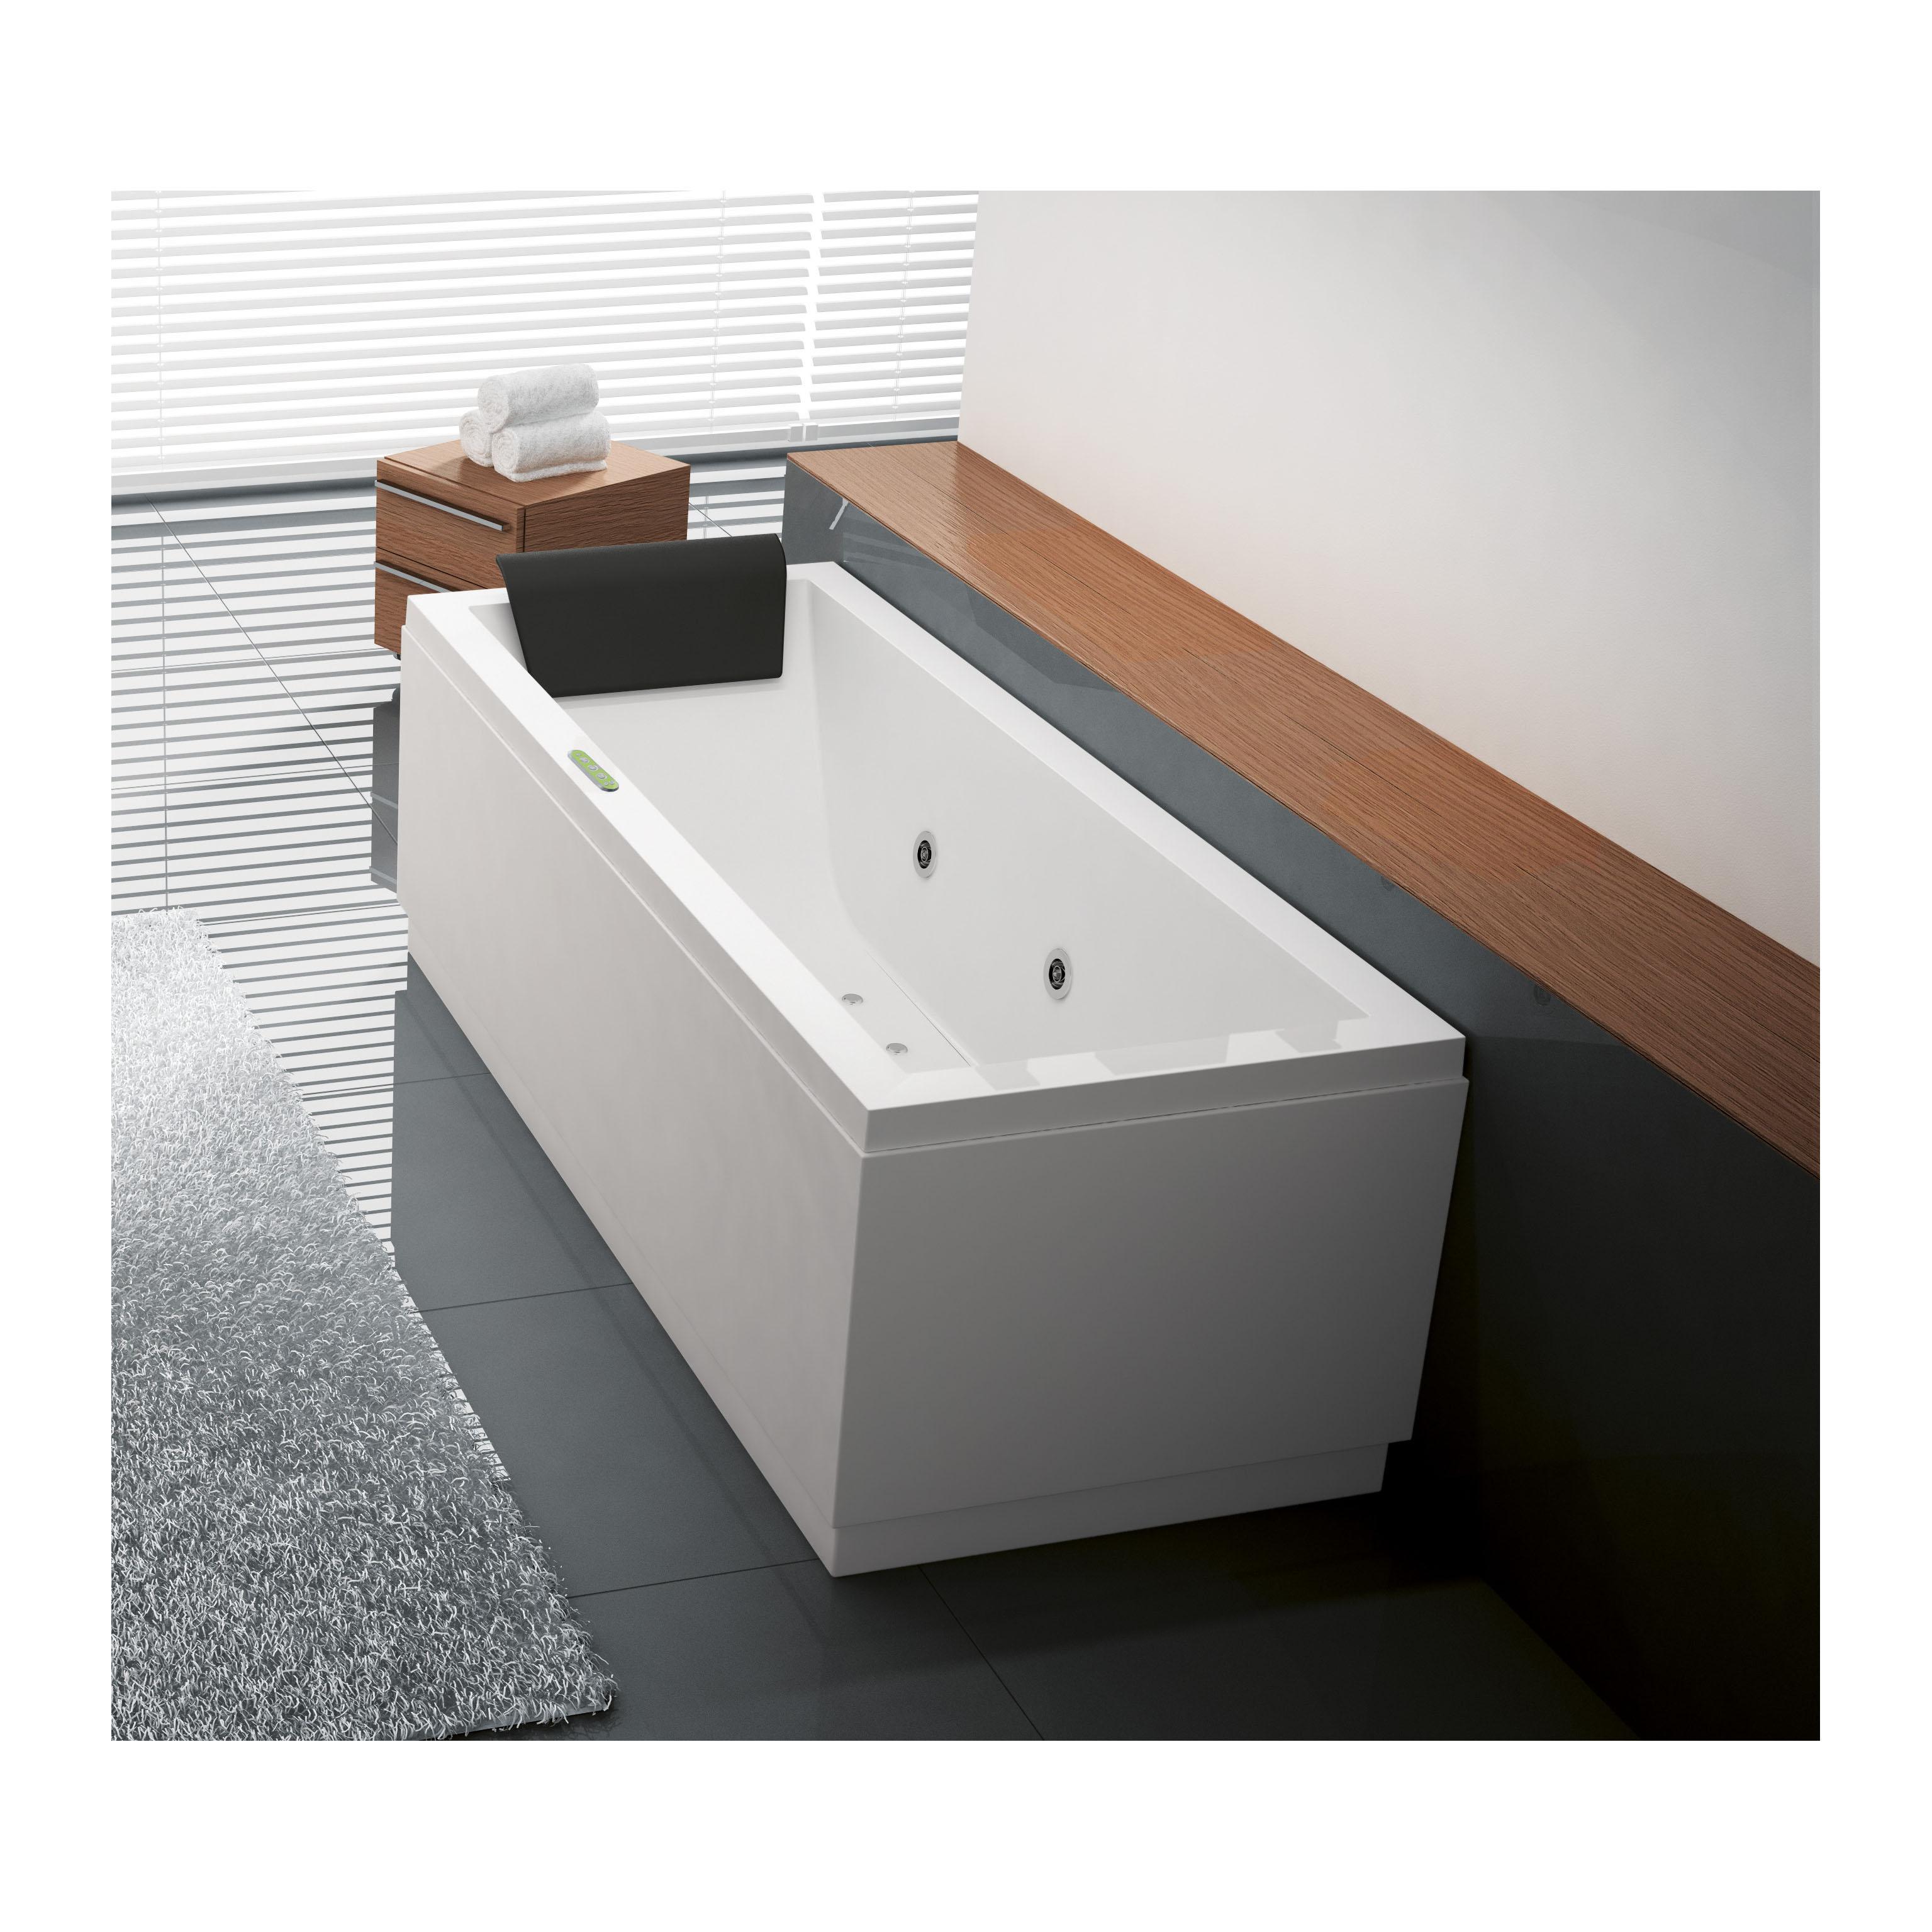 Vasche Idromassaggio Misure E Prezzi vasca idromassaggio rettangolare amea bianco 160 x 70 cm 6 bocchette